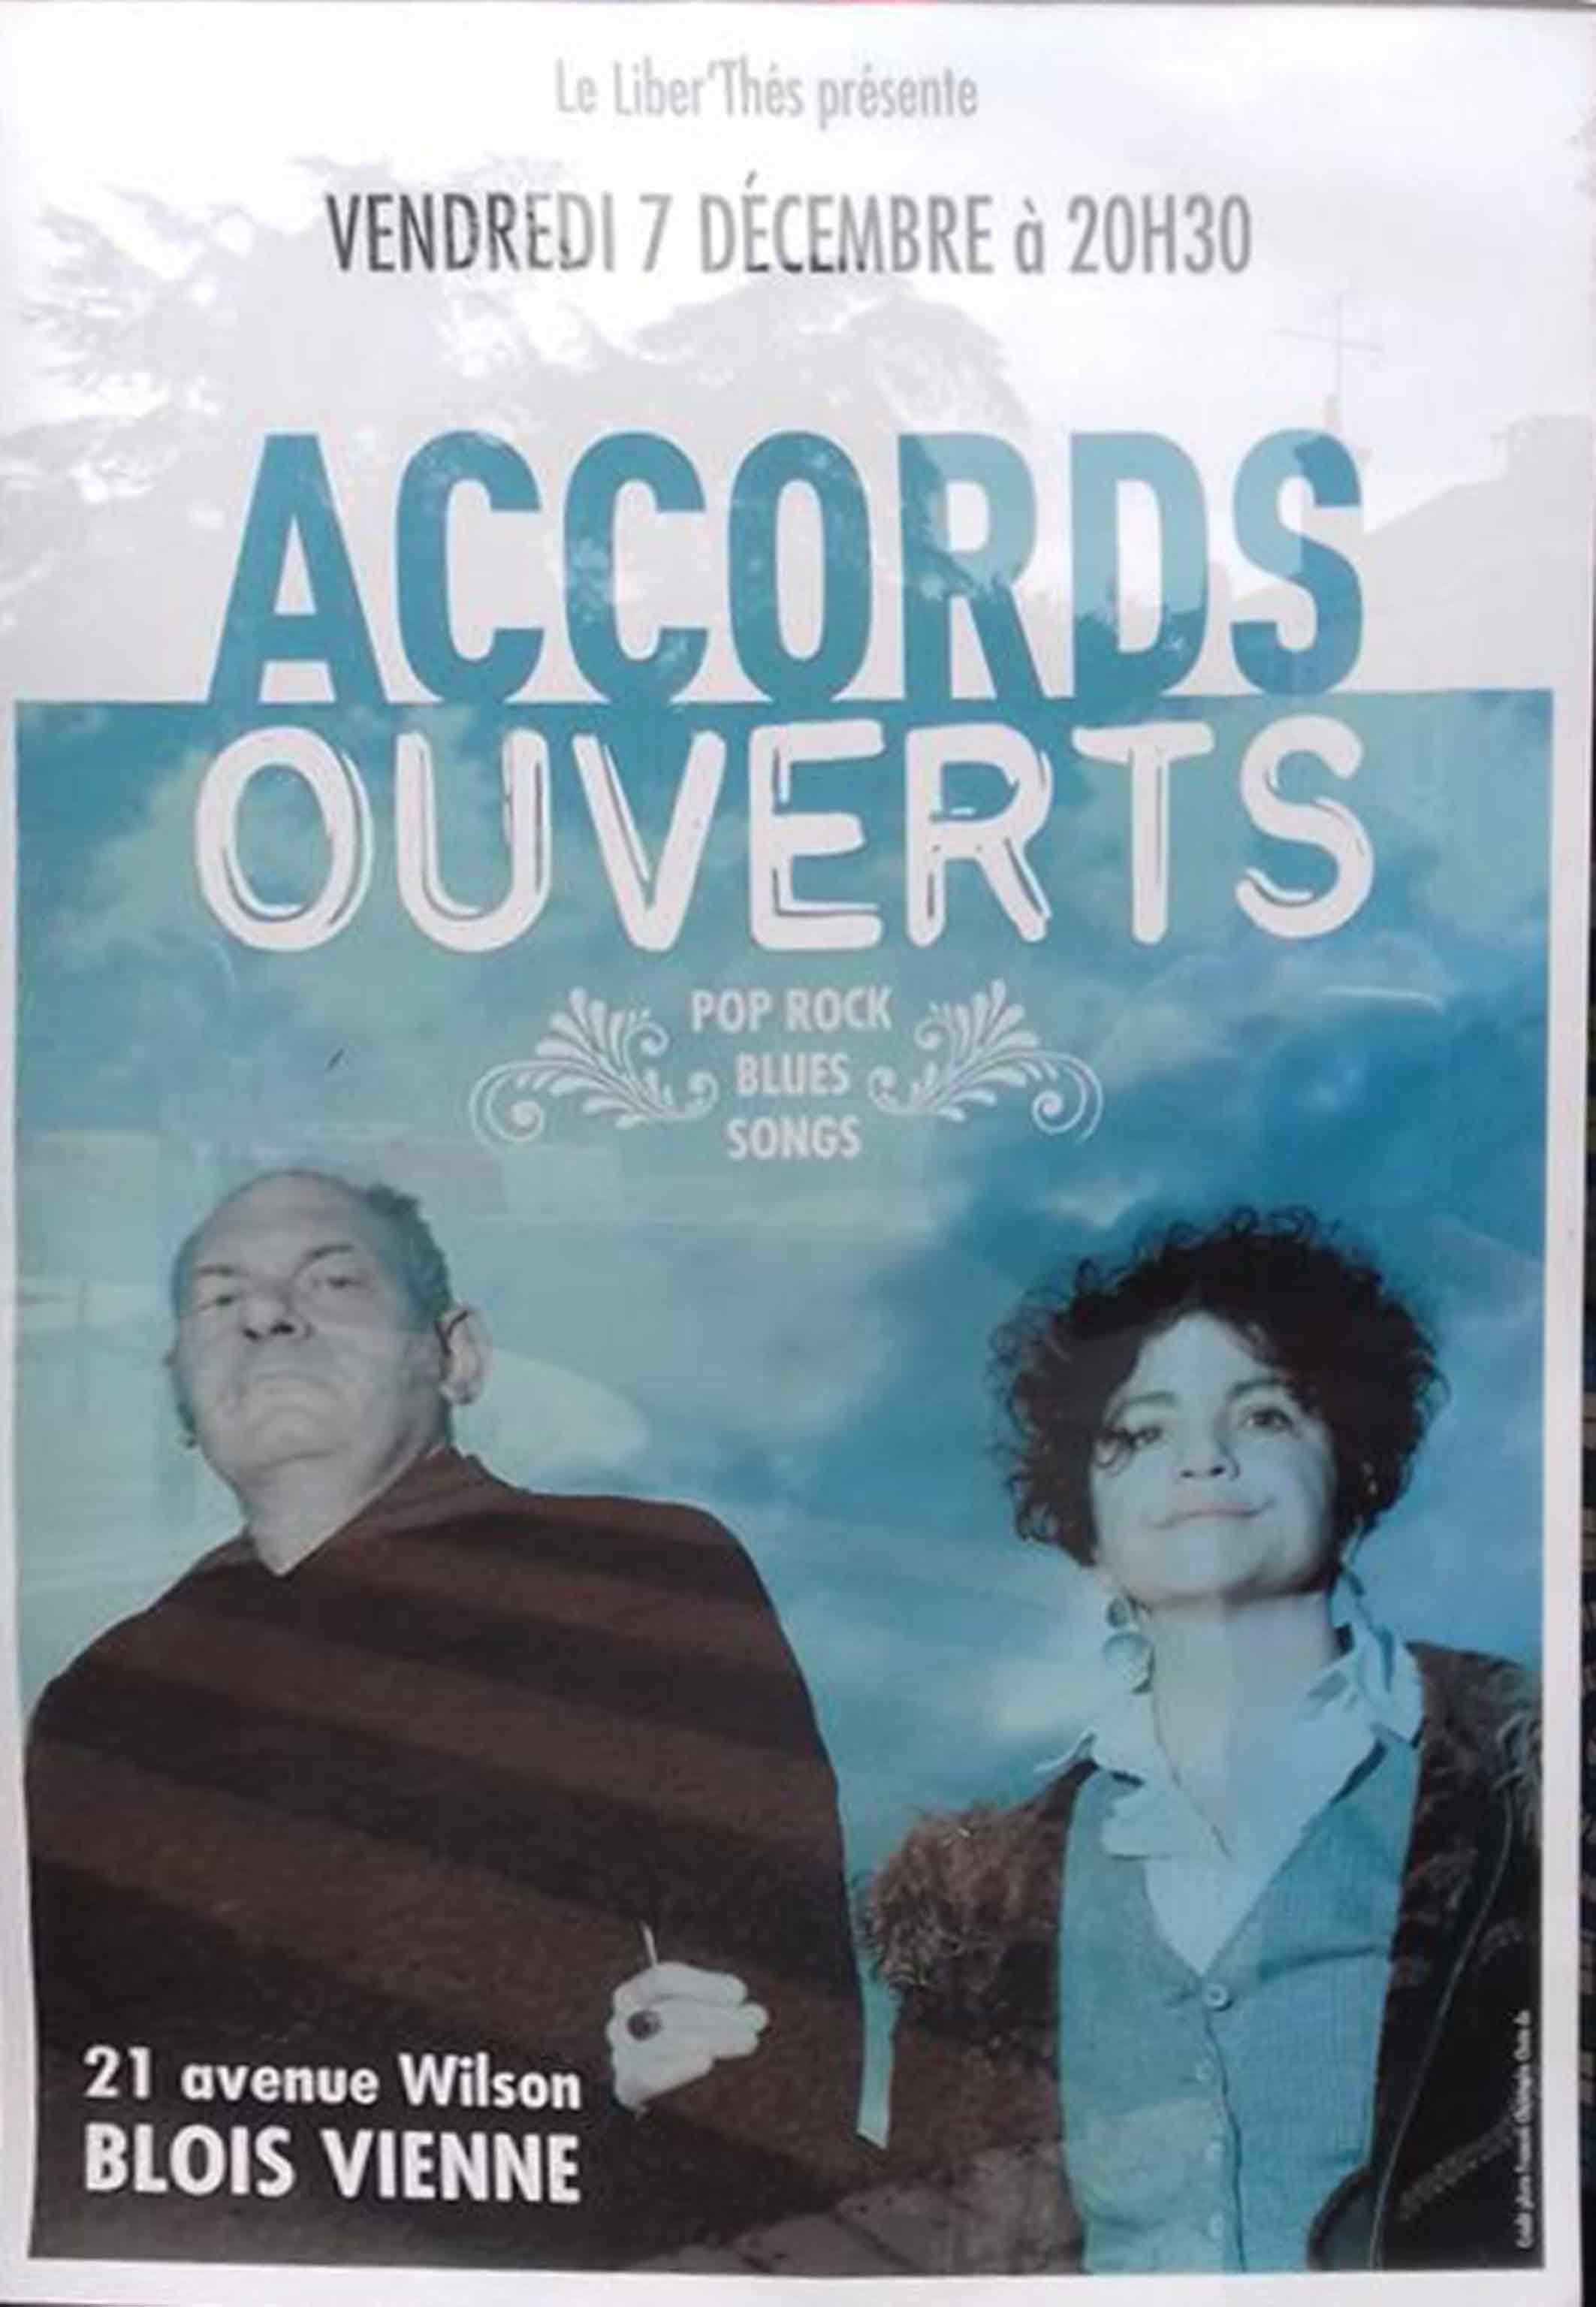 """7 decembre 2018 Accords Ouverts à Blois """"Liber'Thes"""""""